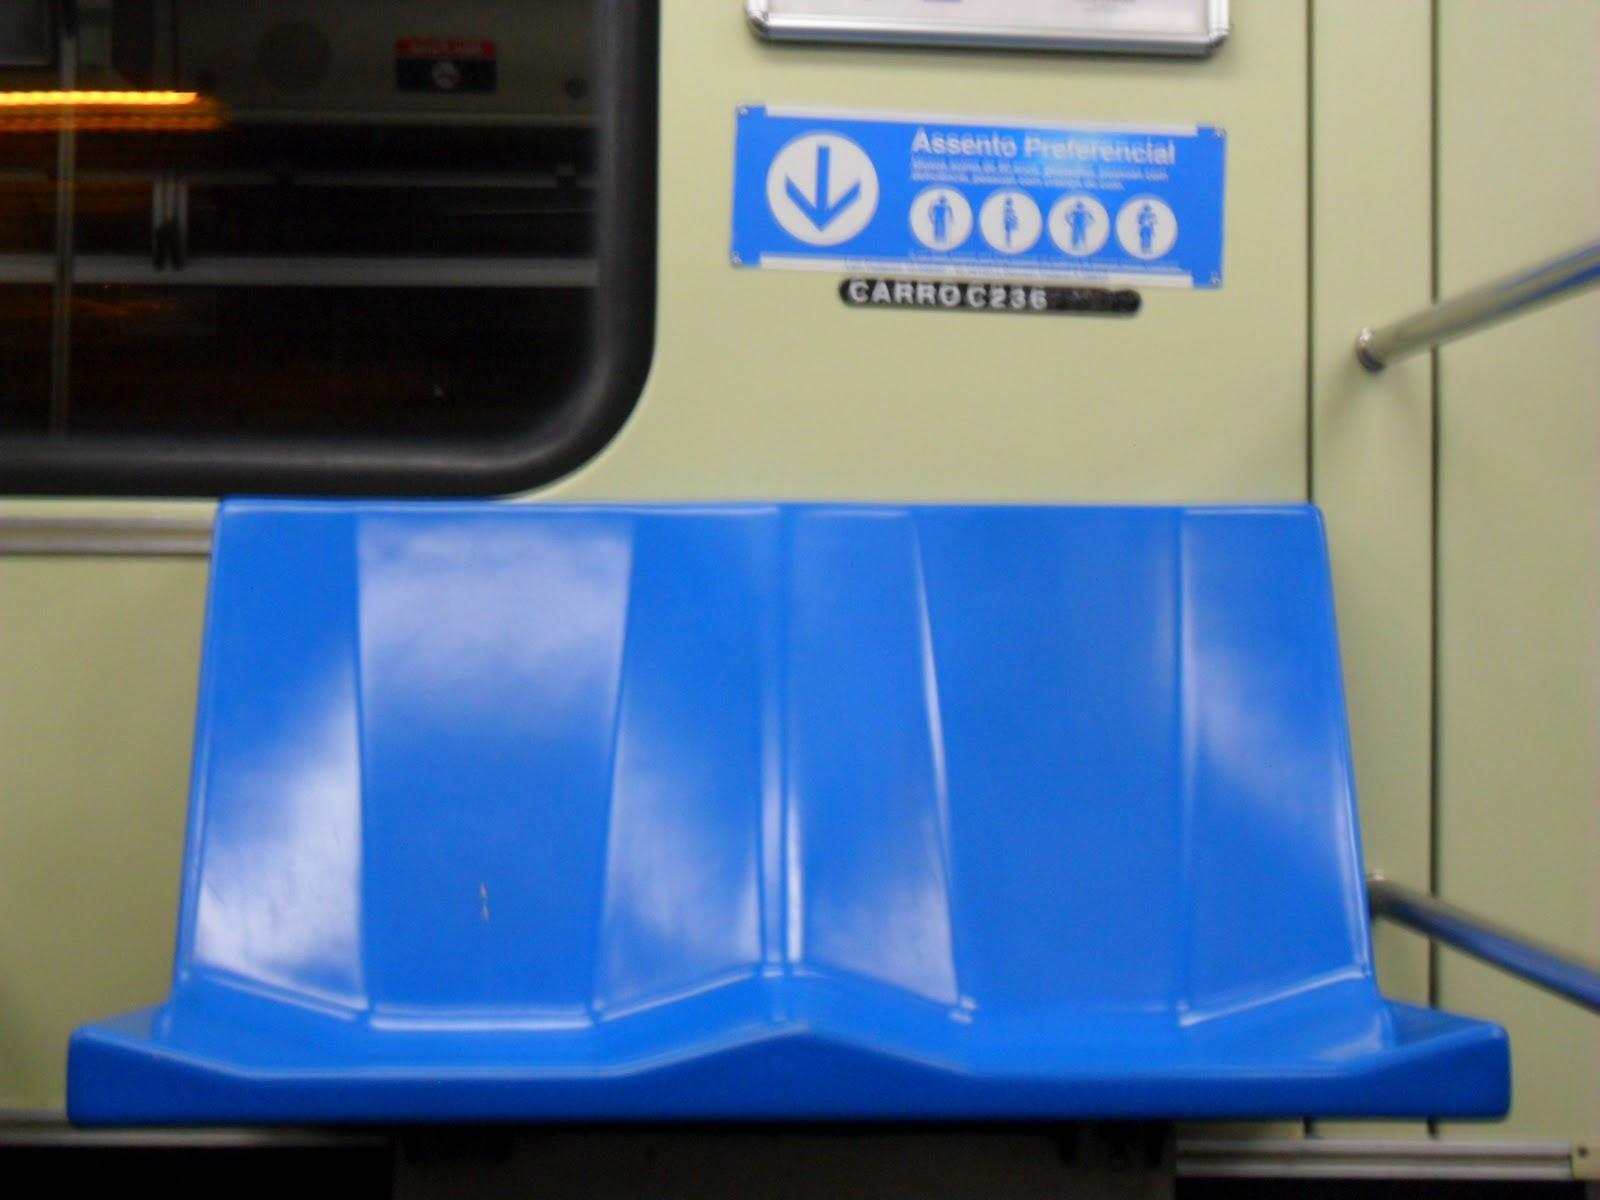 Metrô em Foco: Metrô faz campanha por assento preferencial #043088 1600x1200 Assento De Banheiro Para Idoso